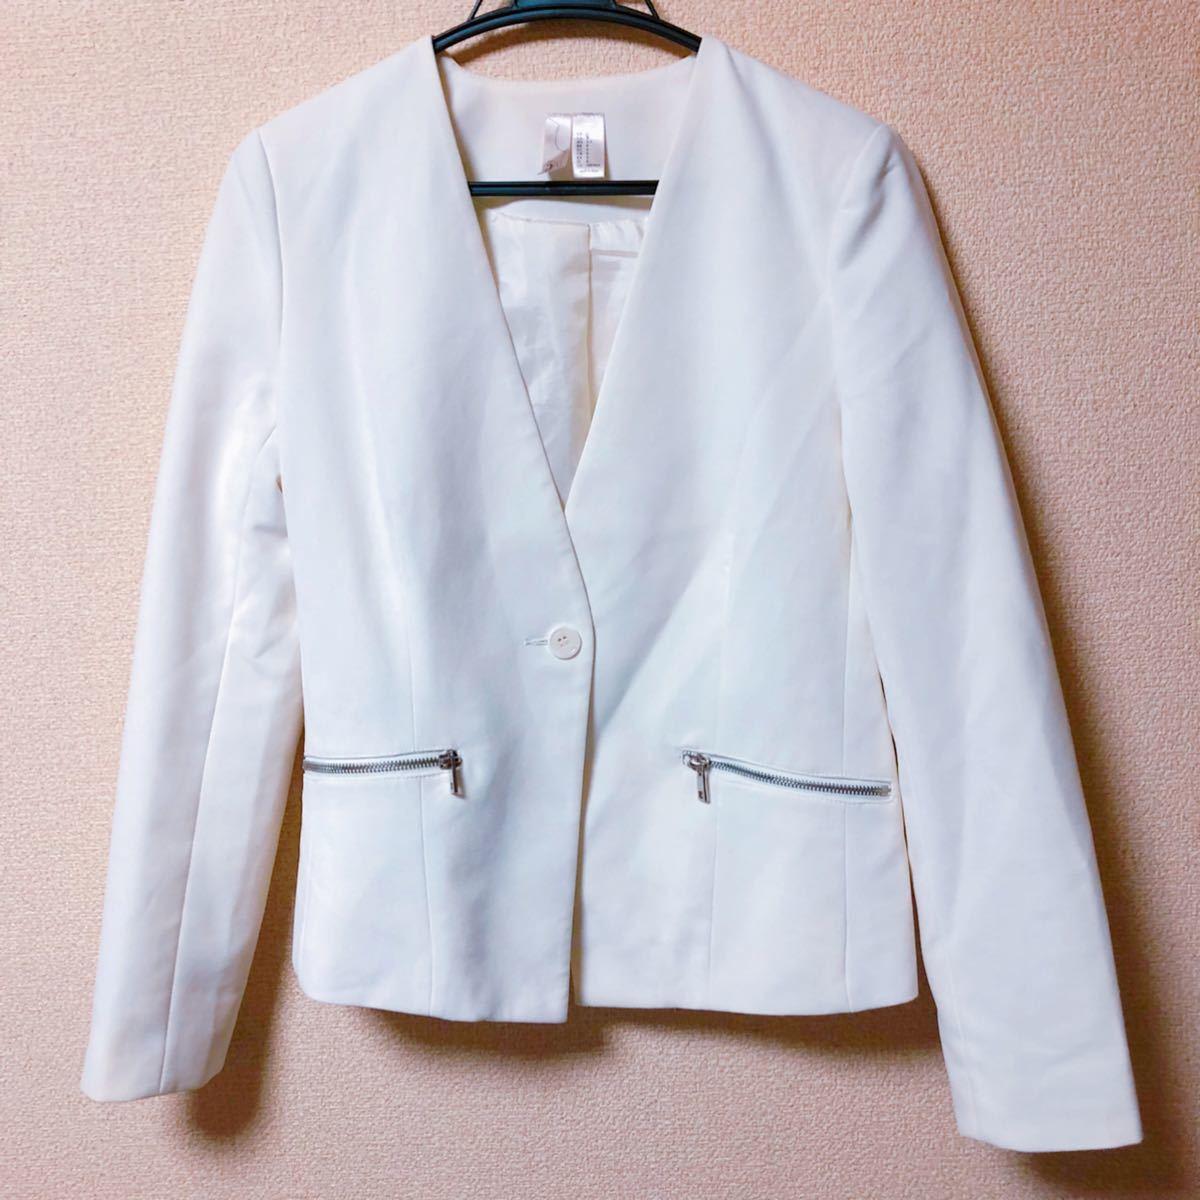 テーラードジャケット ホワイトジャケット カーディガン ブレザー スーツ